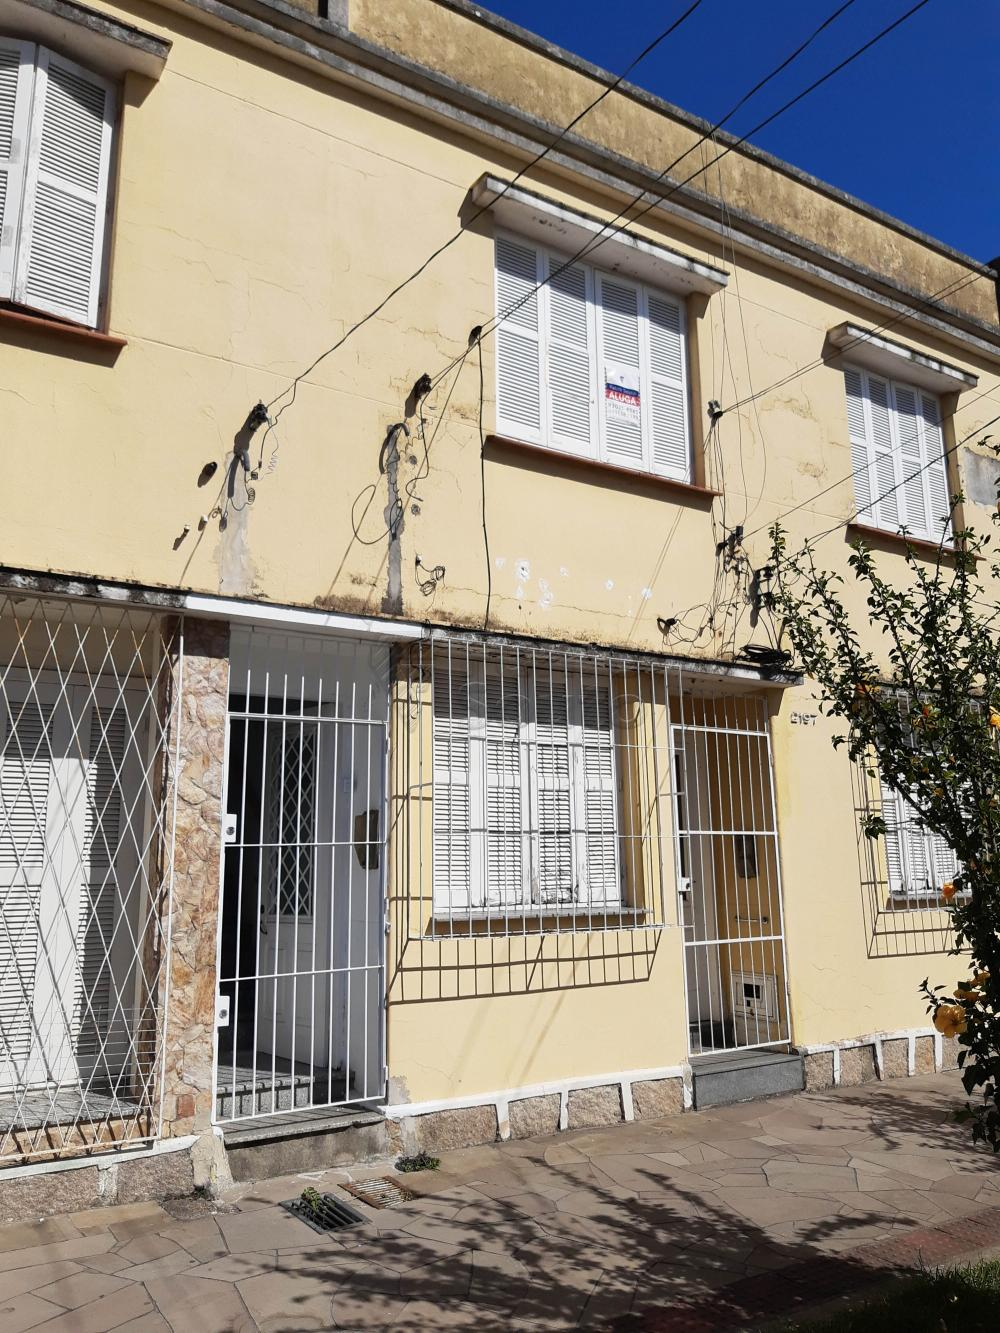 Alugar Apartamento / Fora de Condomínio em Pelotas R$ 980,00 - Foto 1